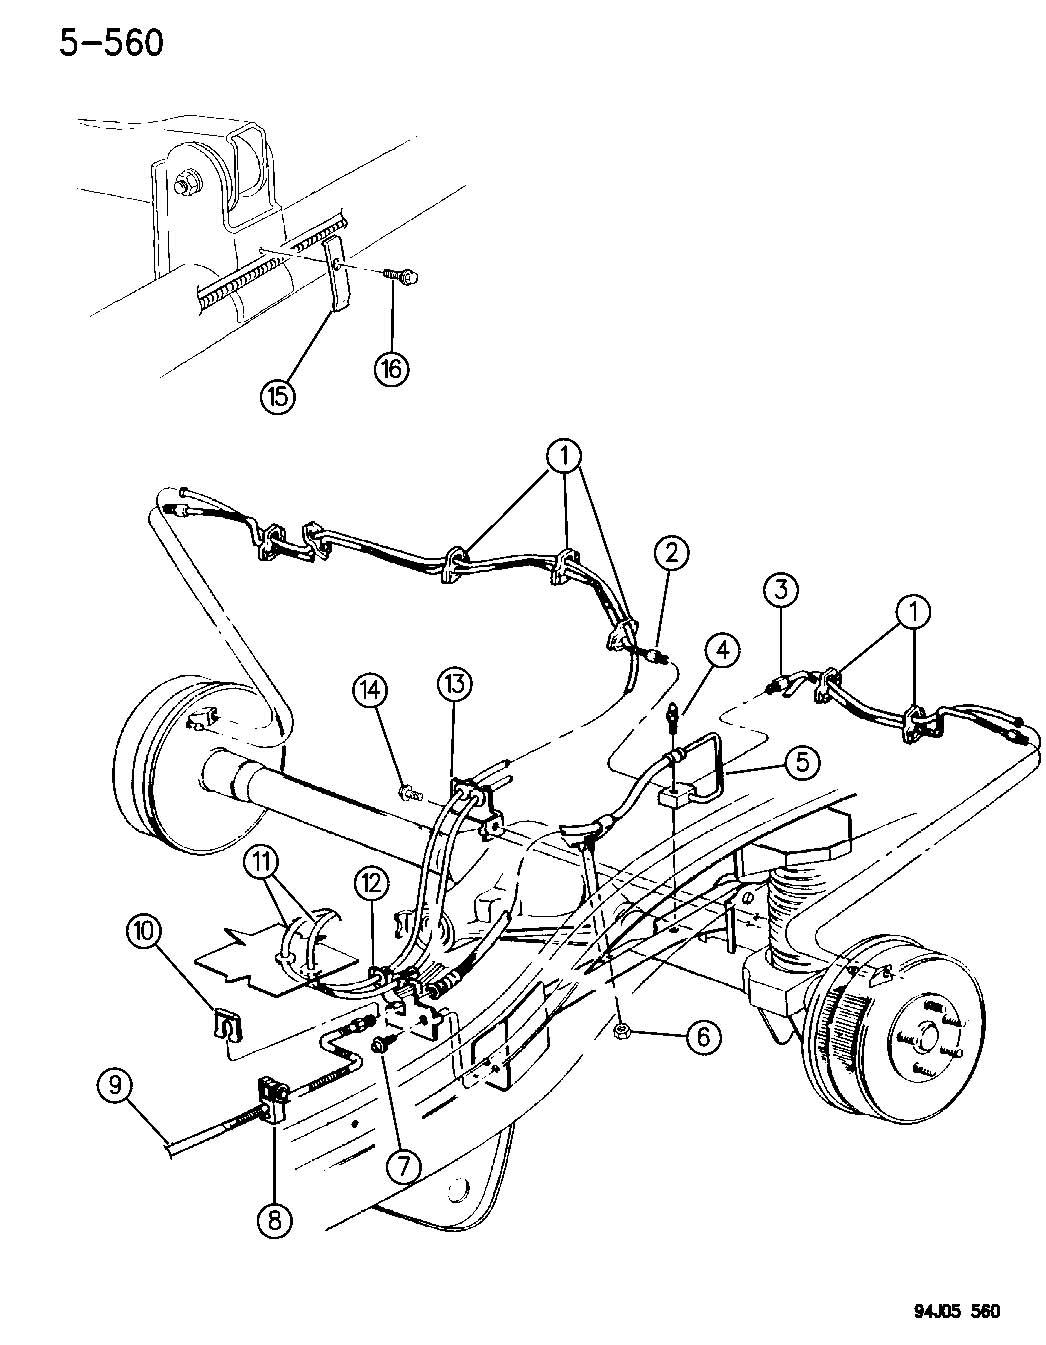 1997 jeep wrangler wiring diagram 1997 jeep wrangler brake diagram